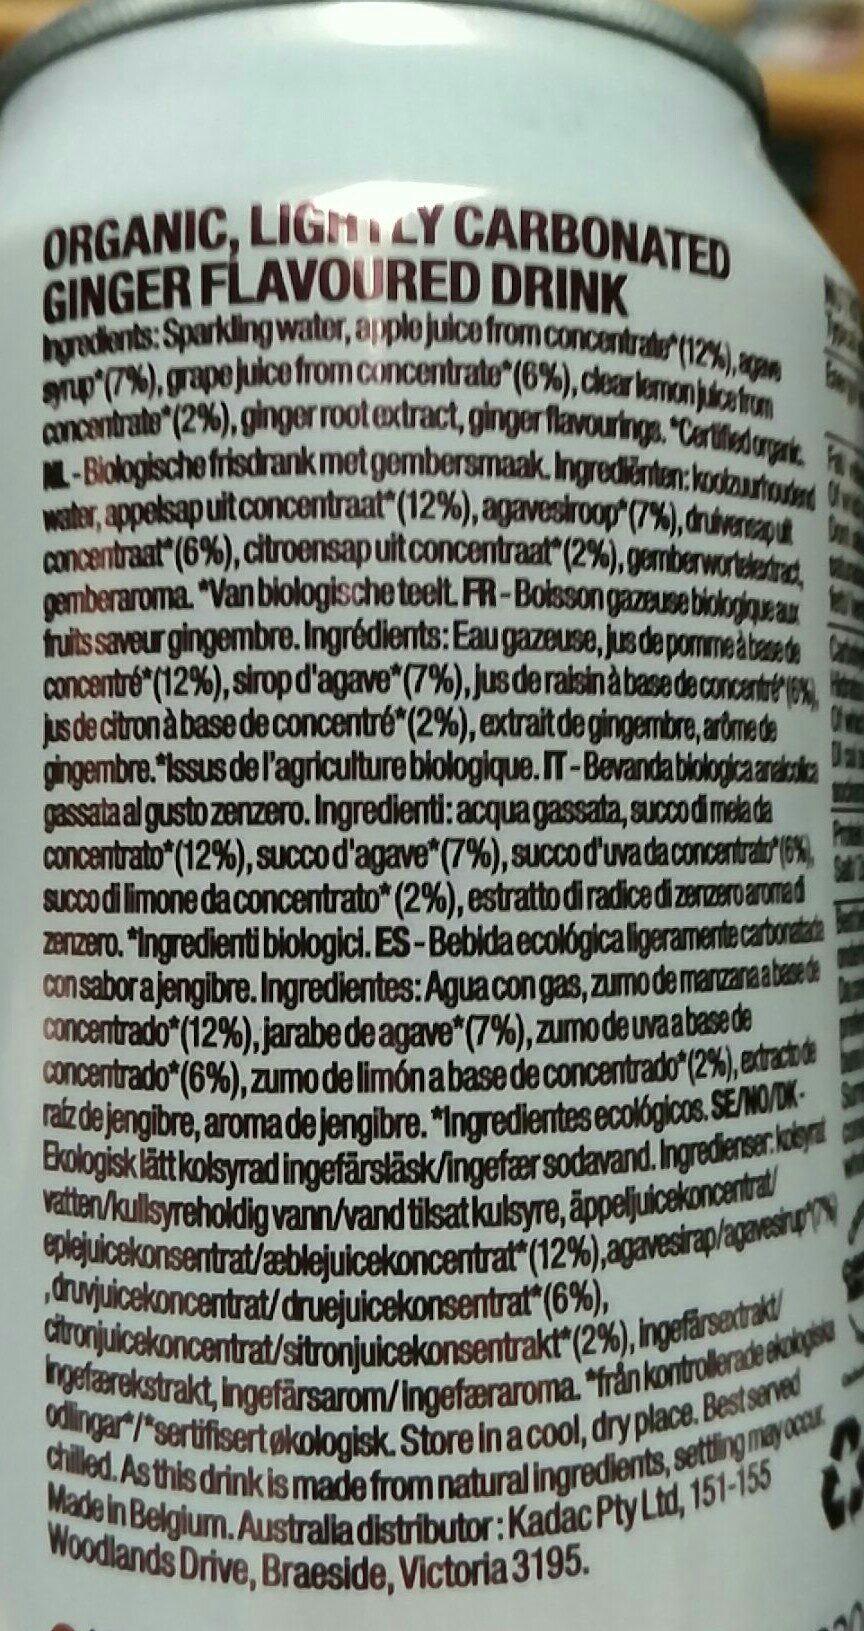 Organic Sparkling Ginger - Ingredients